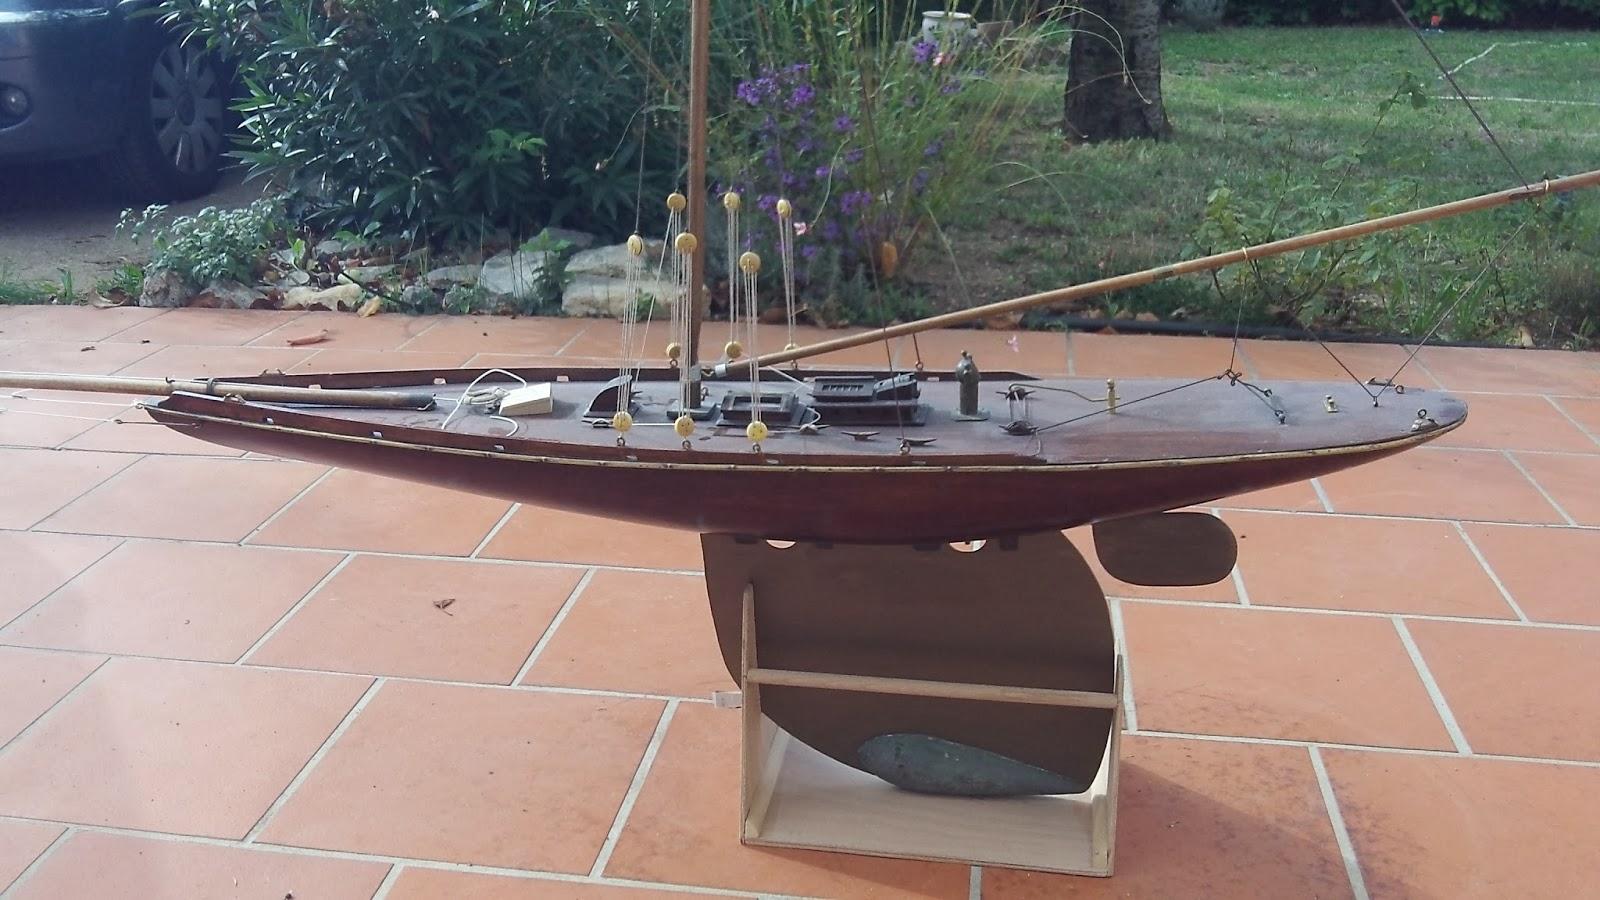 voiliers de bassin pond yachts grand voilier de bassin en acajou. Black Bedroom Furniture Sets. Home Design Ideas